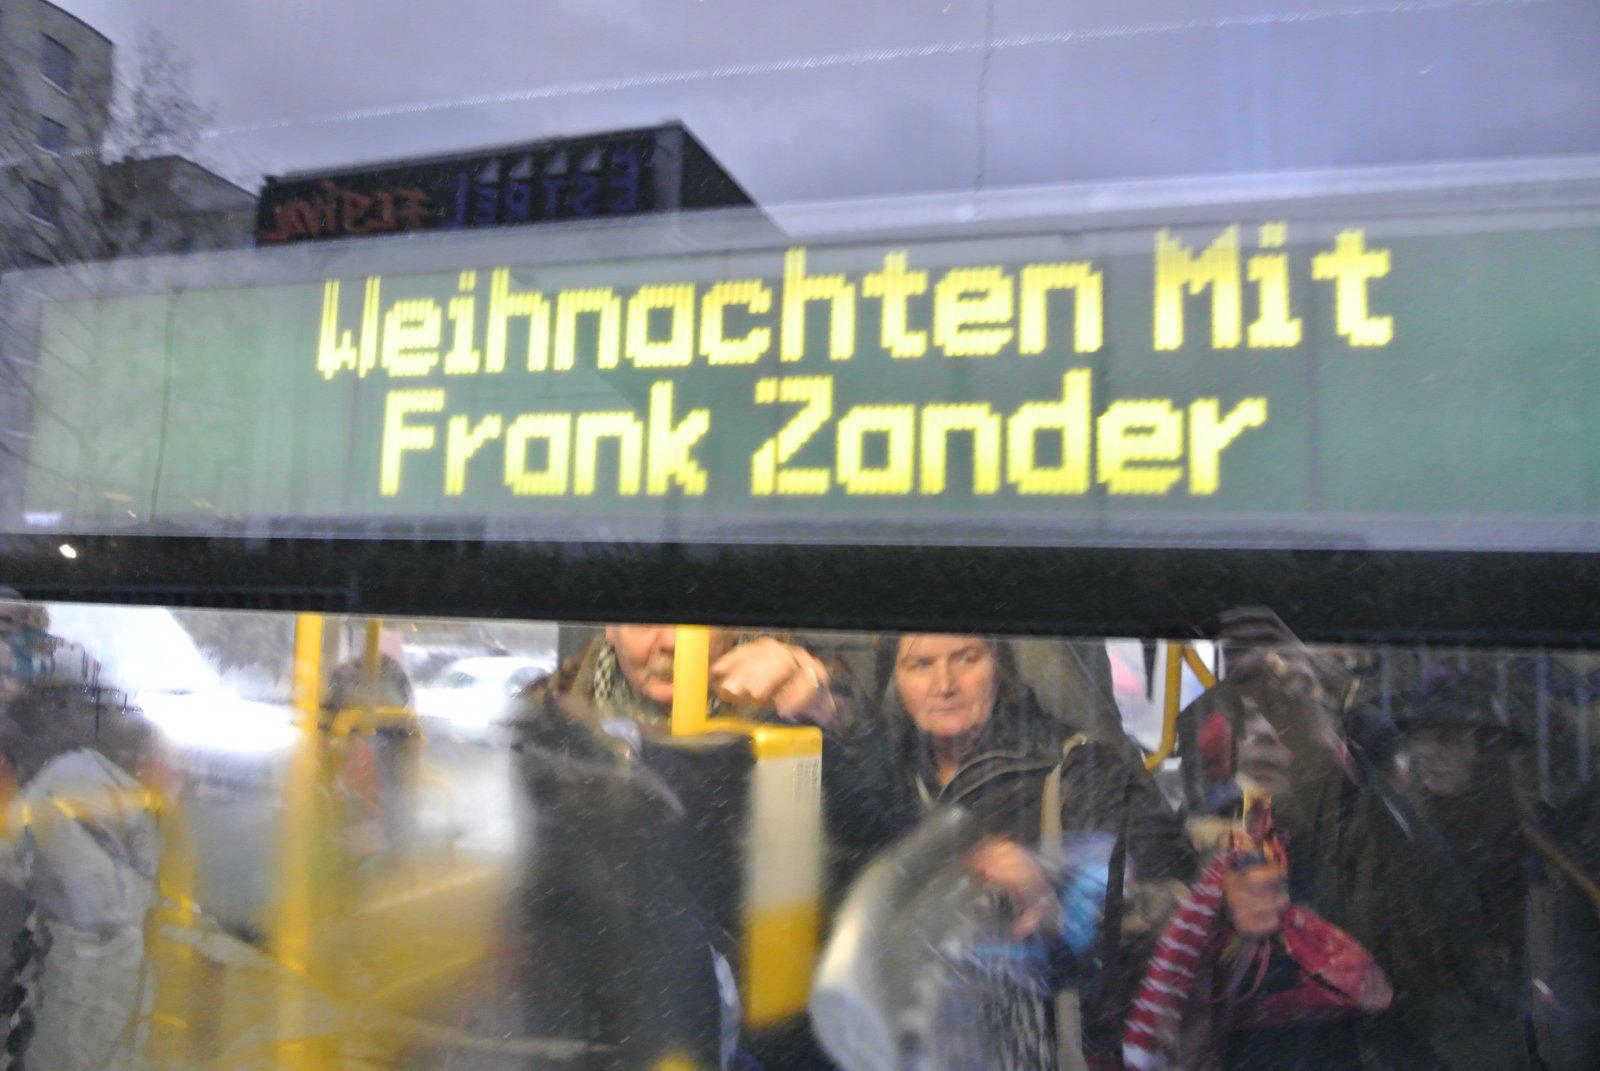 BVG - Bus: Sonderfahrt für Weihnachten mit Frank Zander